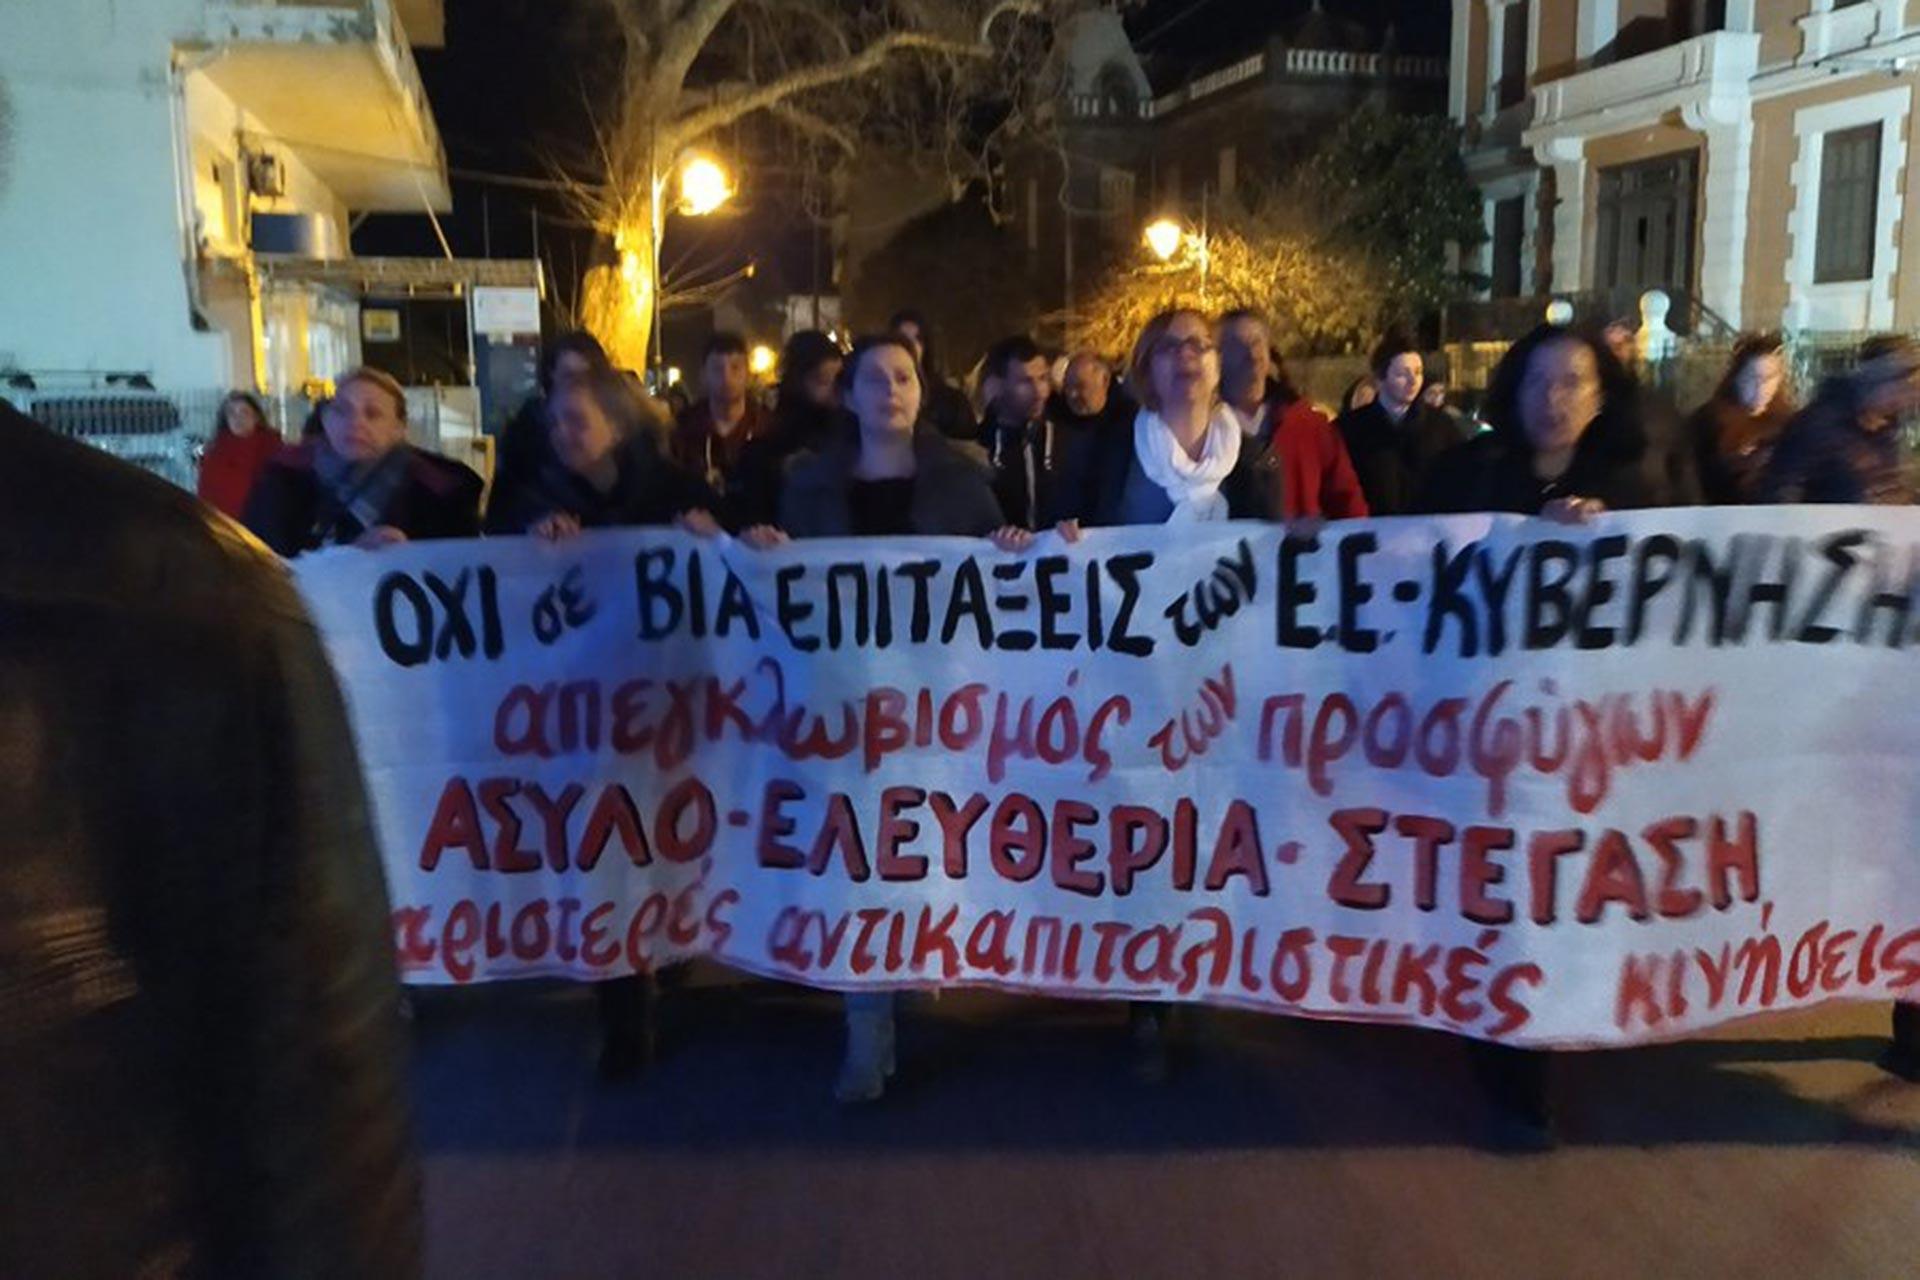 Midilli şehir merkezinde, Lesvos'taki aşırı sağcıların mültecilere yaptıklarına tepki olarak anti-faşist miting gerçekleştirildi.